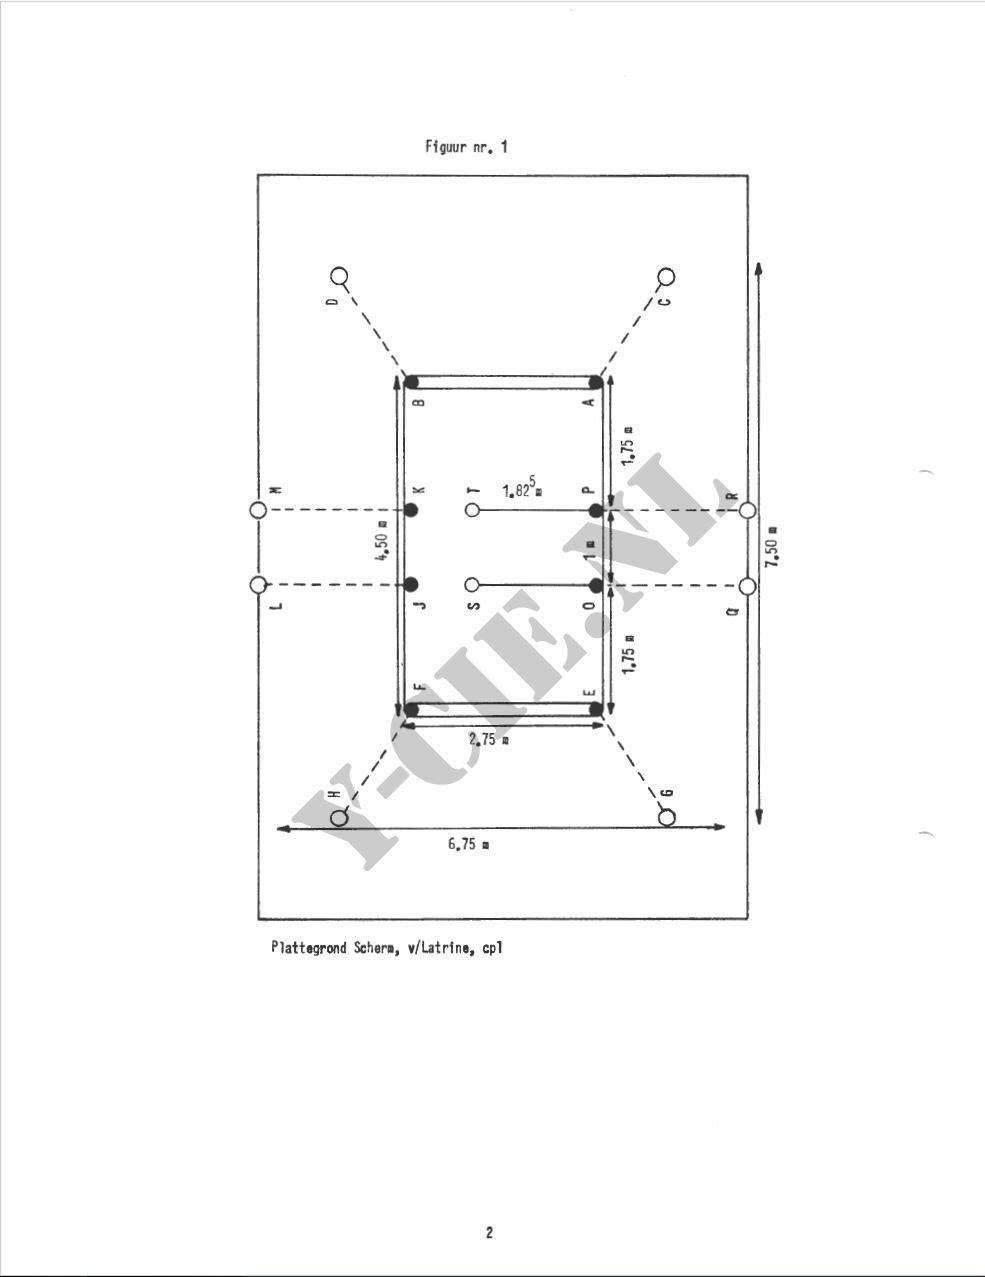 Beschrijving latrine (blz 2)